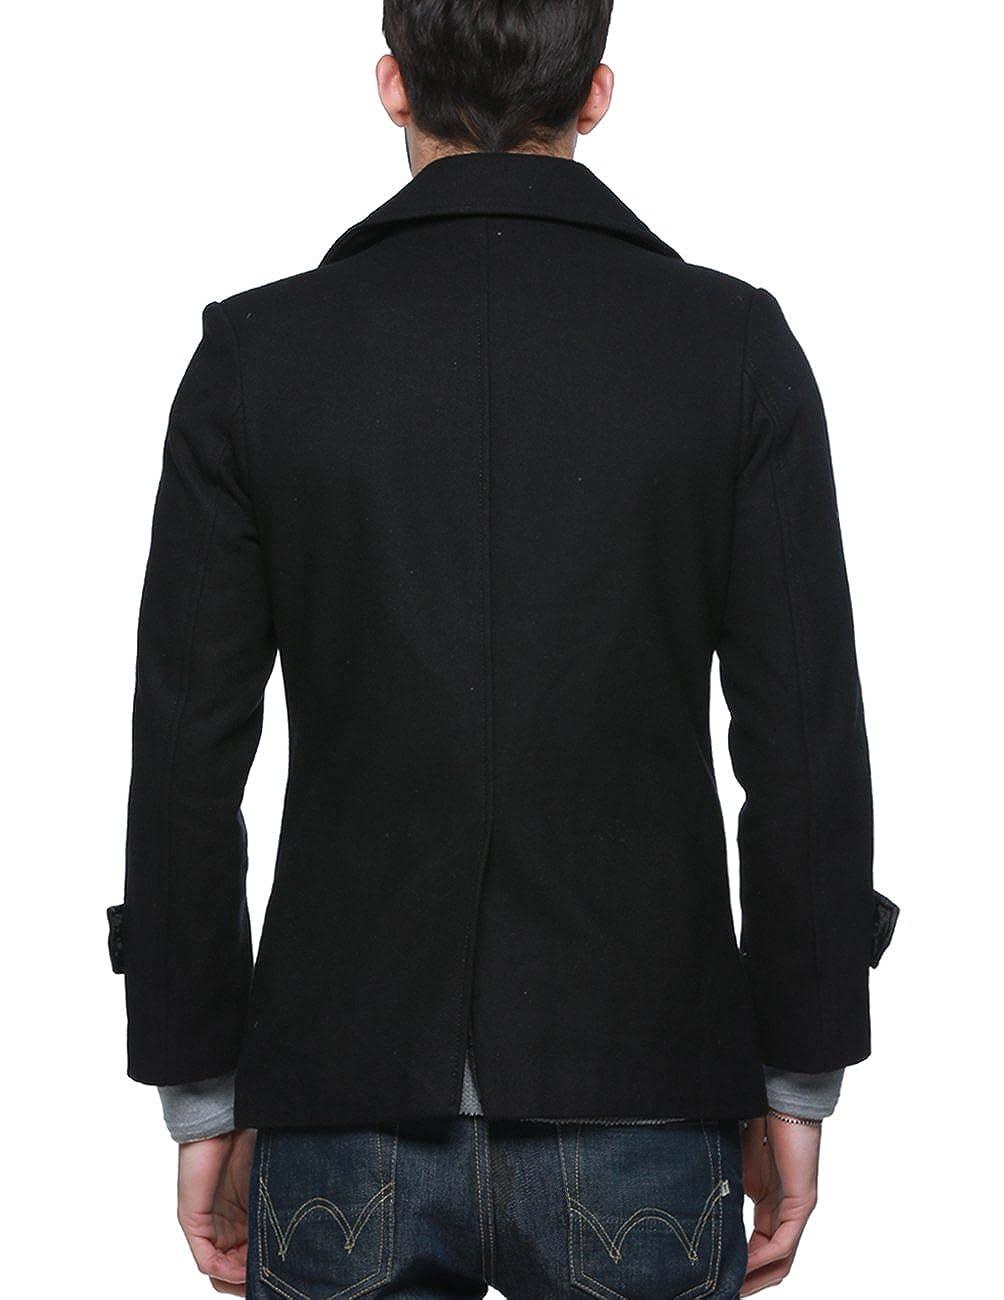 Match Manteau Laine Hiver Mélange Double Boutonnage pour Homme #010 010 Noir (Black)